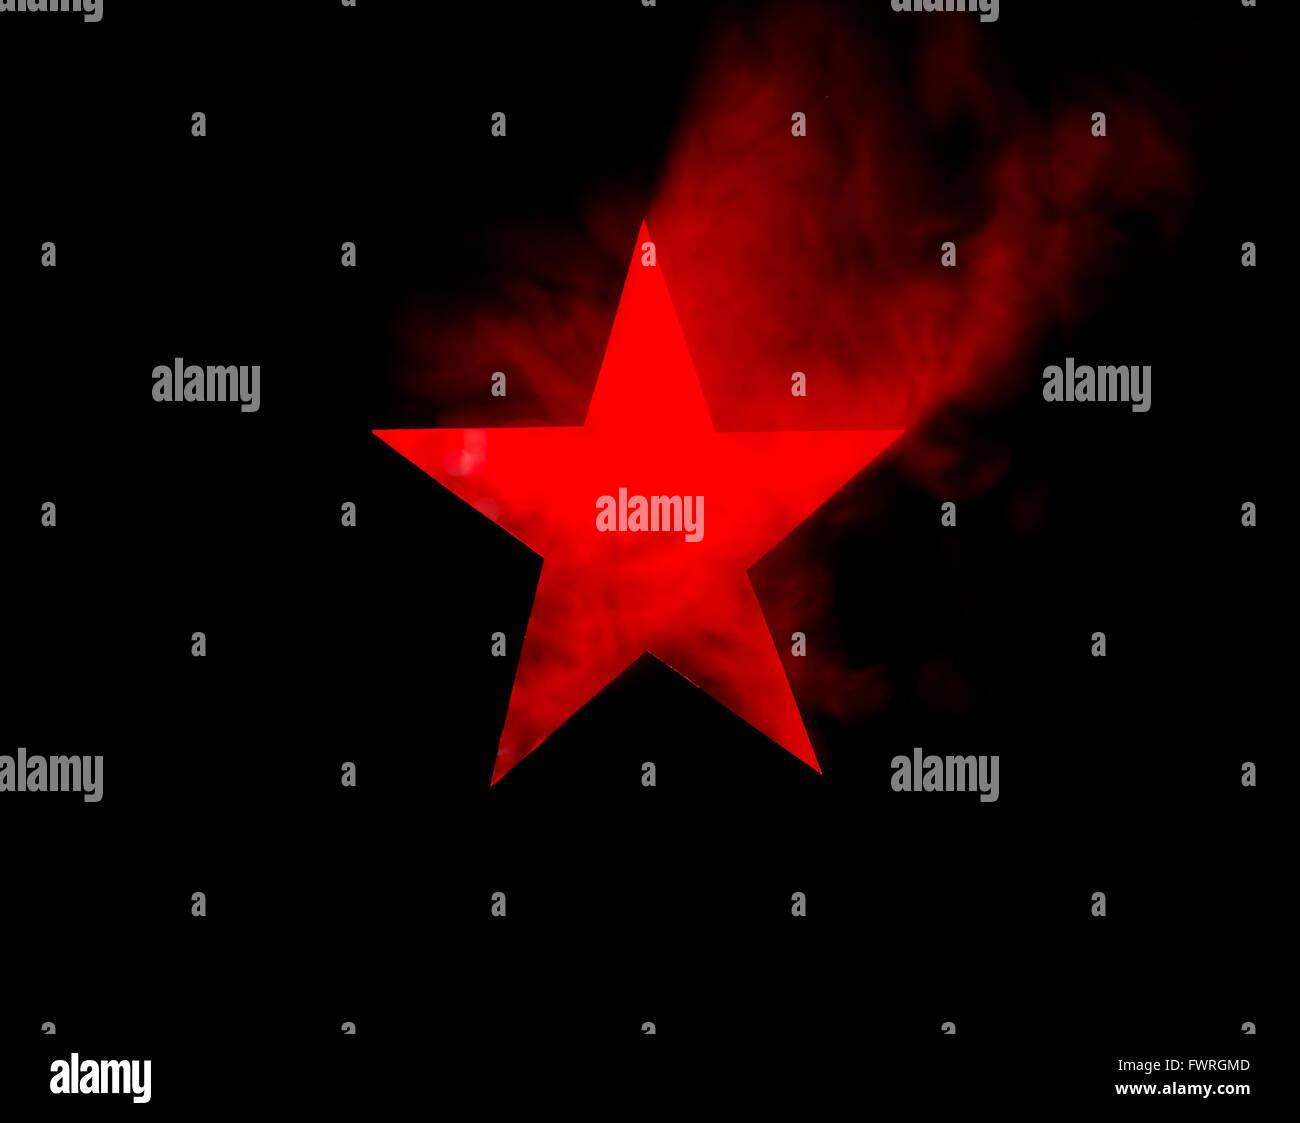 Red Star. Coupe du trou dans le carton, machine à fumée et des projecteurs. L'image peut sembler bruyant, Photo Stock